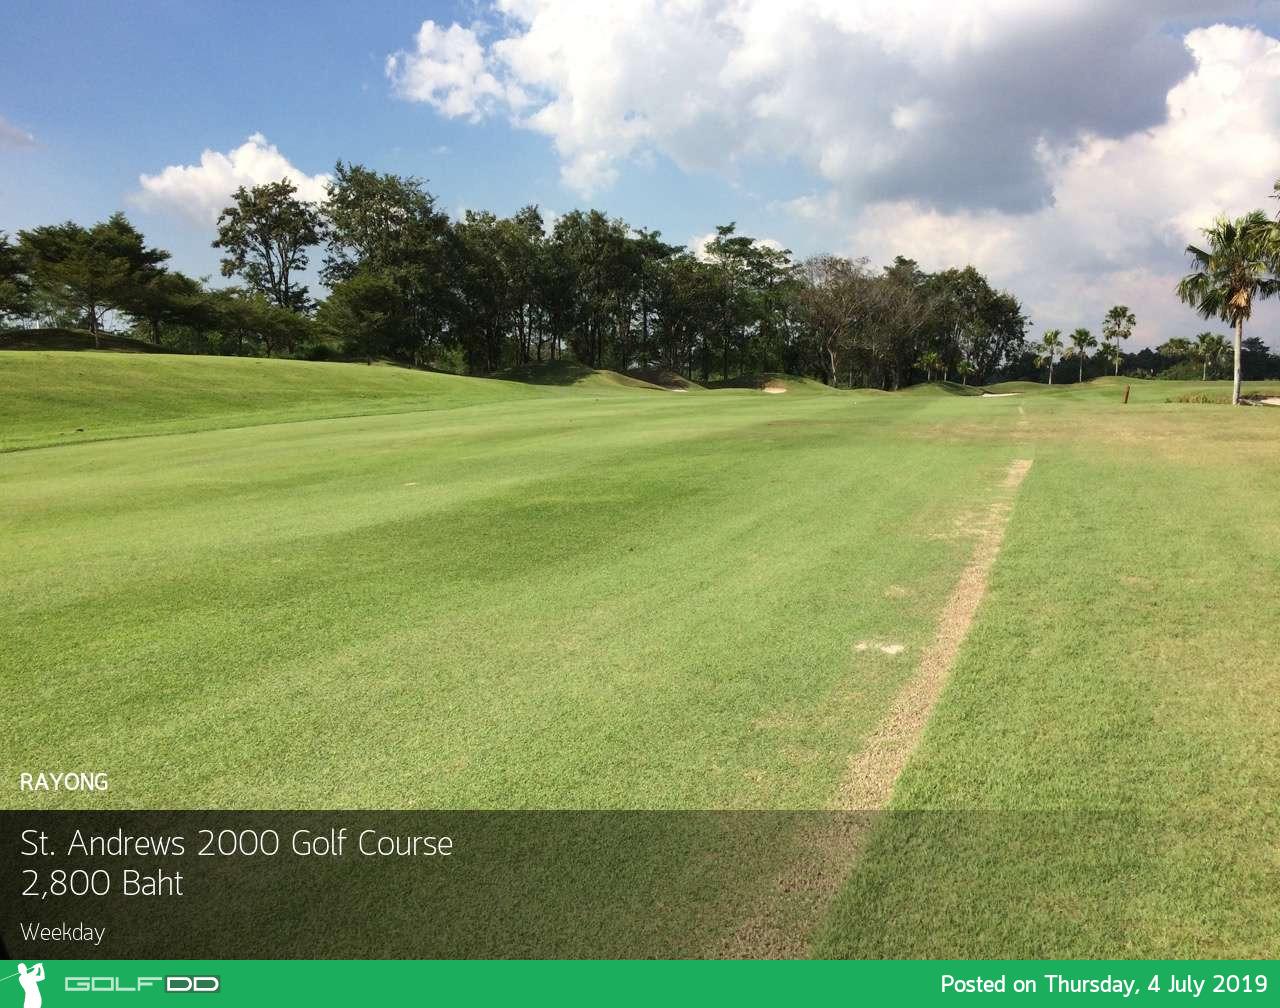 ออกรอบกันฮิ สไตล์ชิคๆ ที่ St. Andrews 2000 Golf Course ระยอง Booking Teetime กับ golfdd จ่ายเงินที่สนามได้เลย